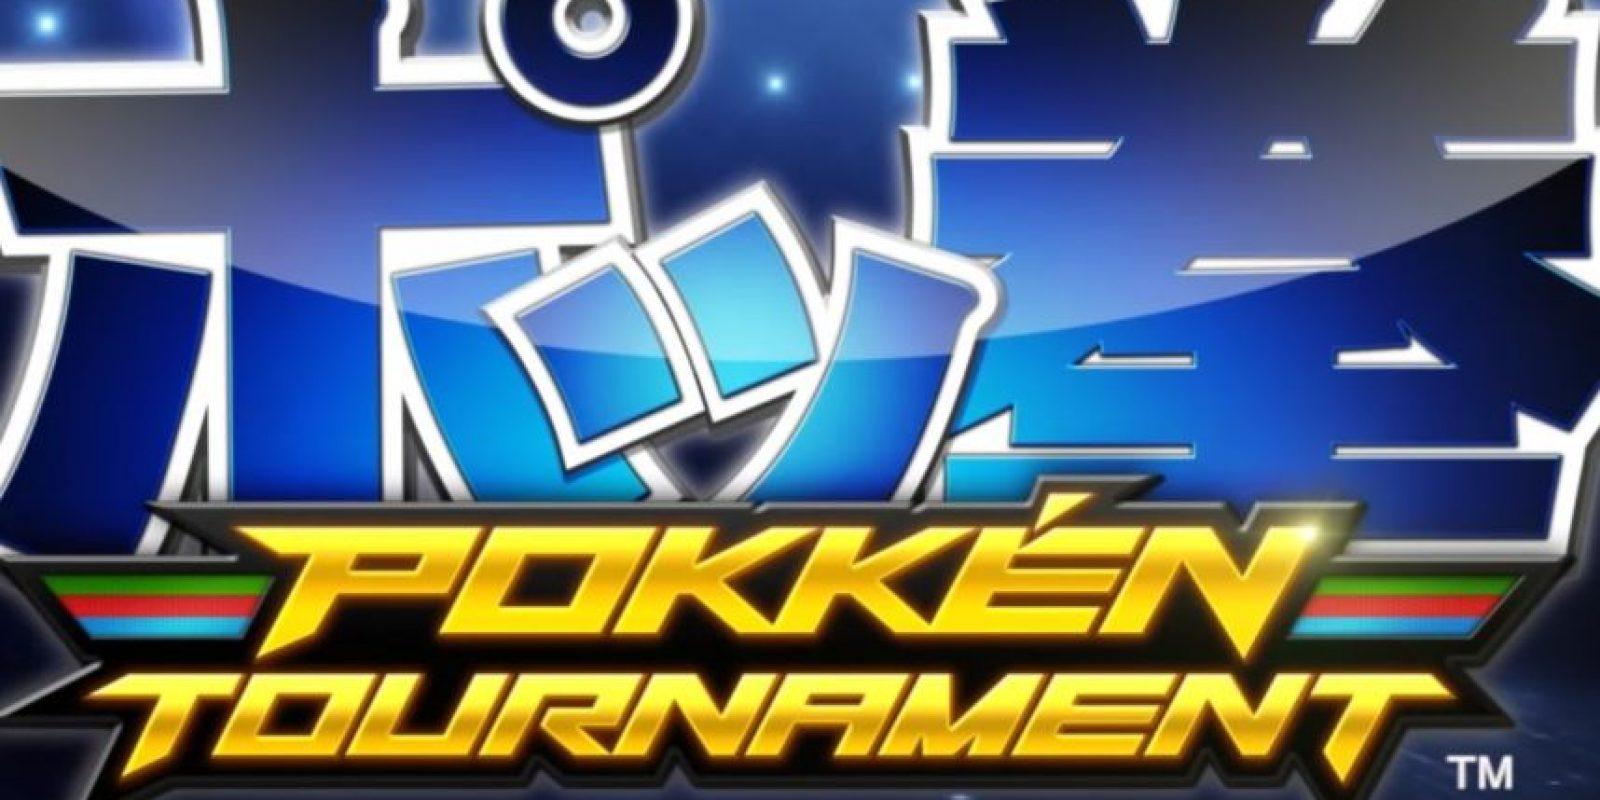 Pokkén Tournament es uno de los juegos más esperados por los fans de Pokémon. Foto:YouTube